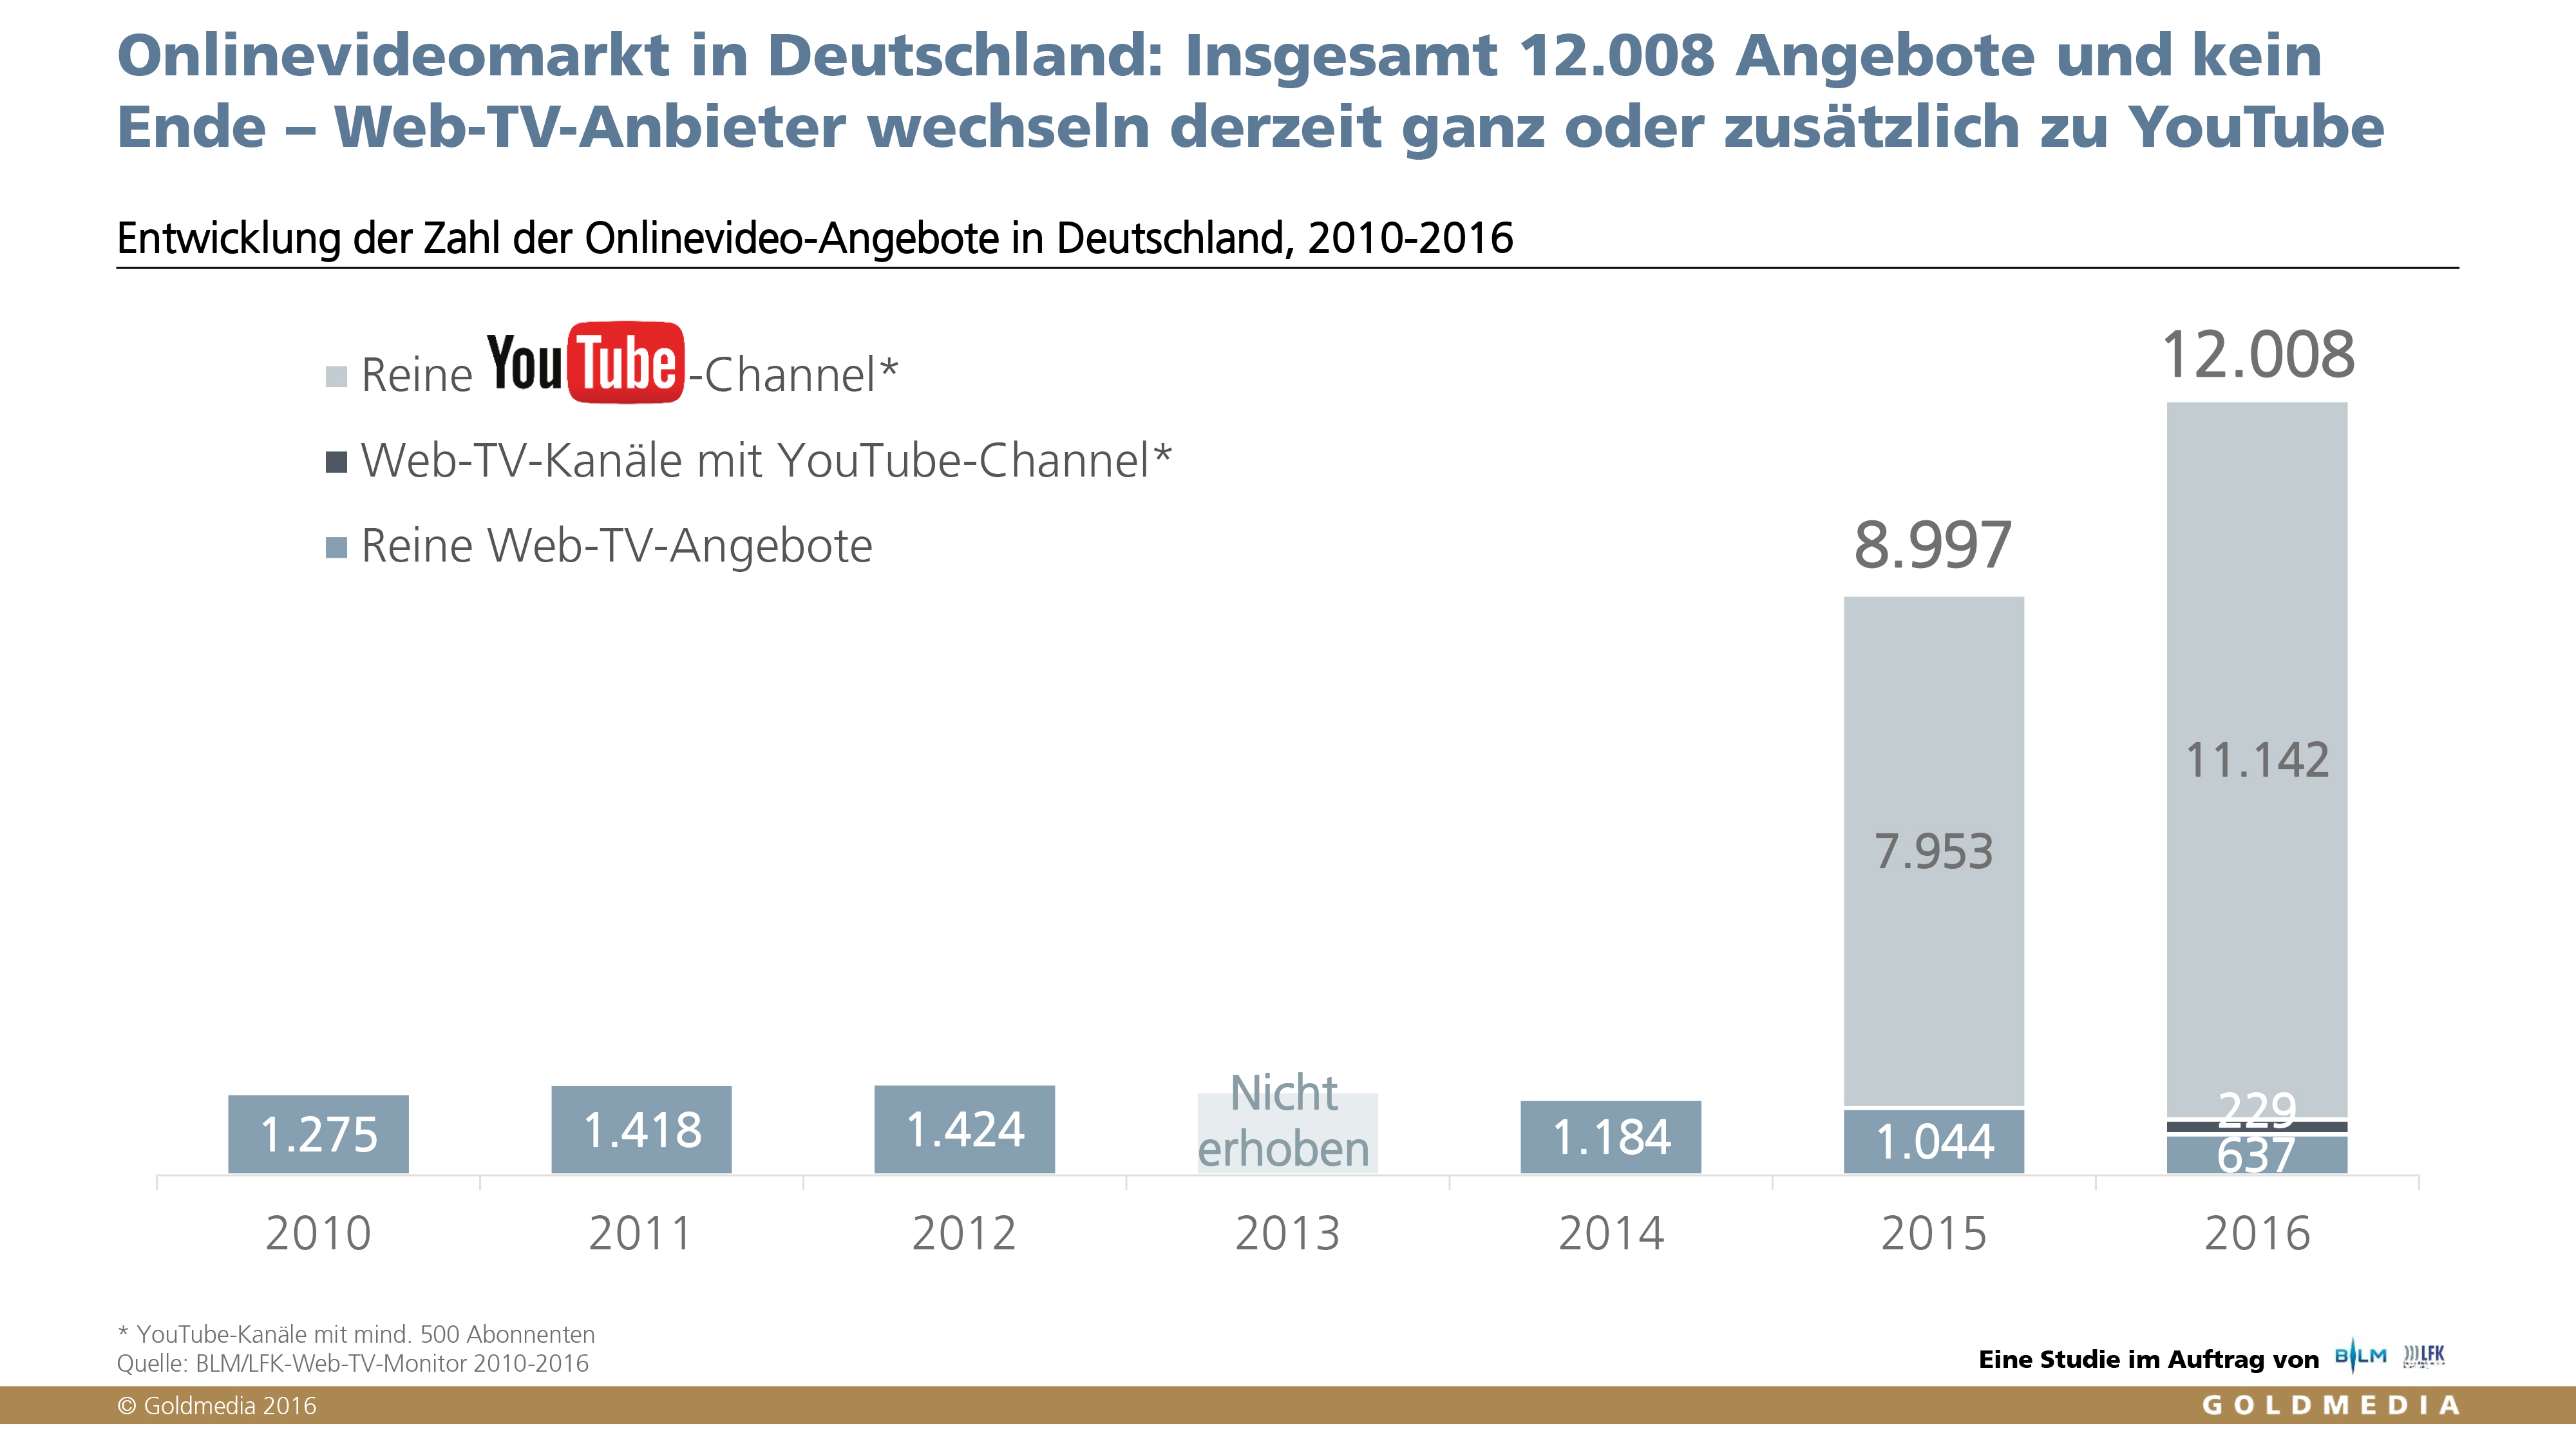 BLM/LFK Web-TV-Monitor 2016, Angebote im Onlinevideomarkt in Deutschland, © Goldmedia 2016